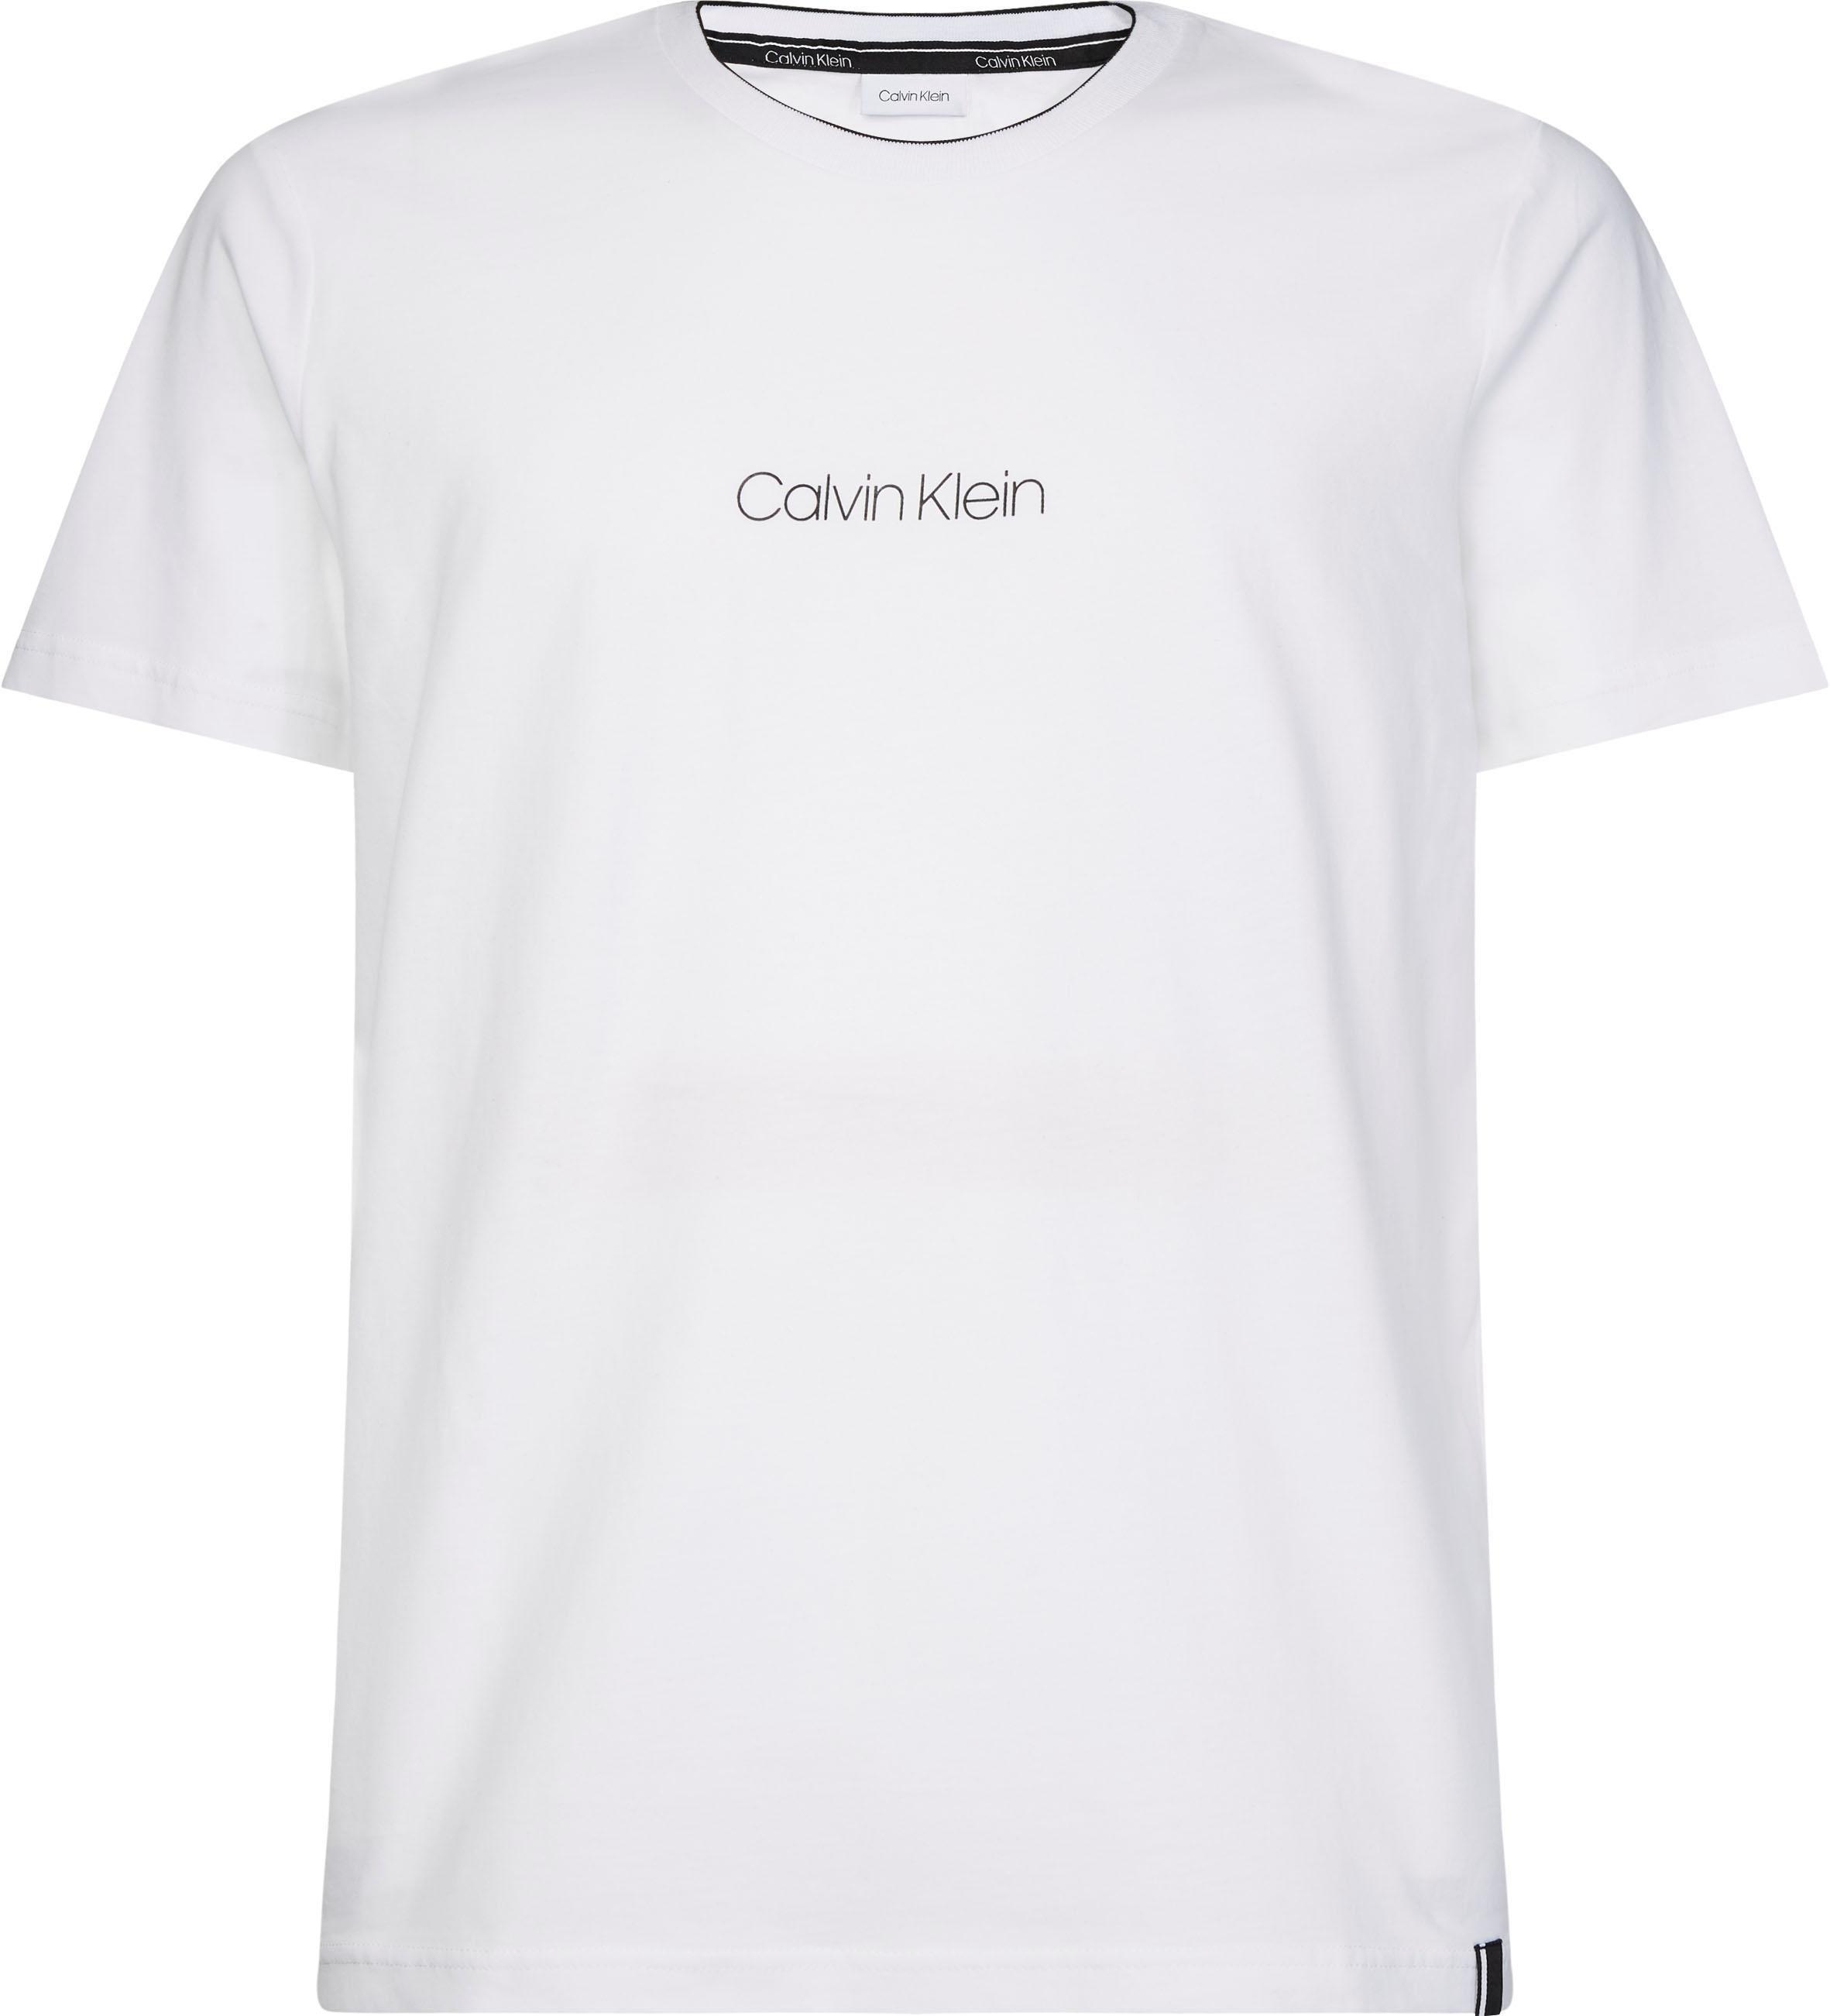 Calvin Klein T-shirt - gratis ruilen op otto.nl